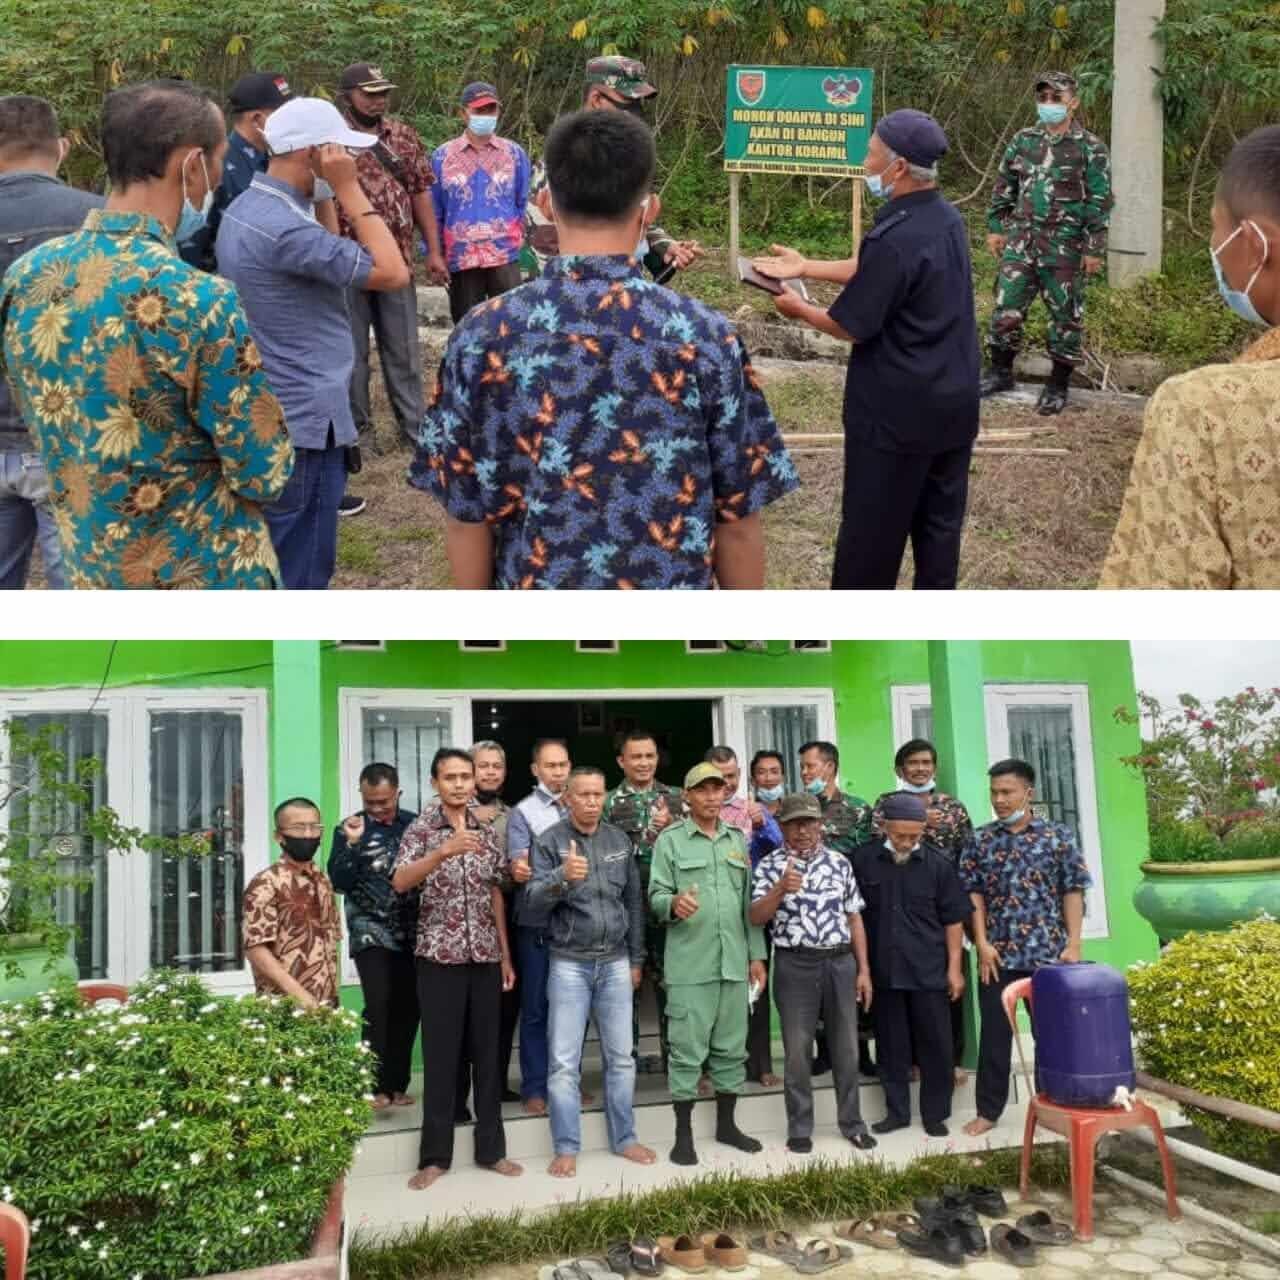 Dandim 0412/LU Tinjau Lokasi Untuk Pembangunan Kantor Koramil di Tiyuh Tri Tunggal Jaya dan Kibang Tri Jaya